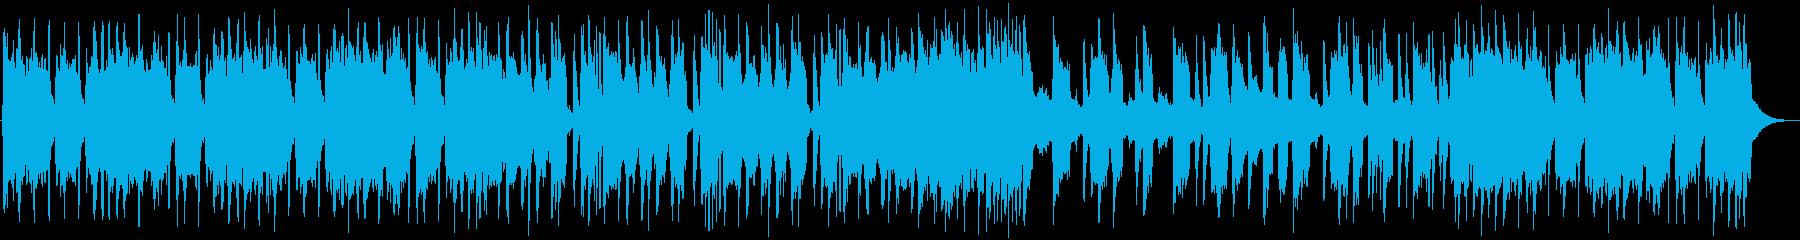 バッドさが全開のヘヴィメタル系BGMの再生済みの波形